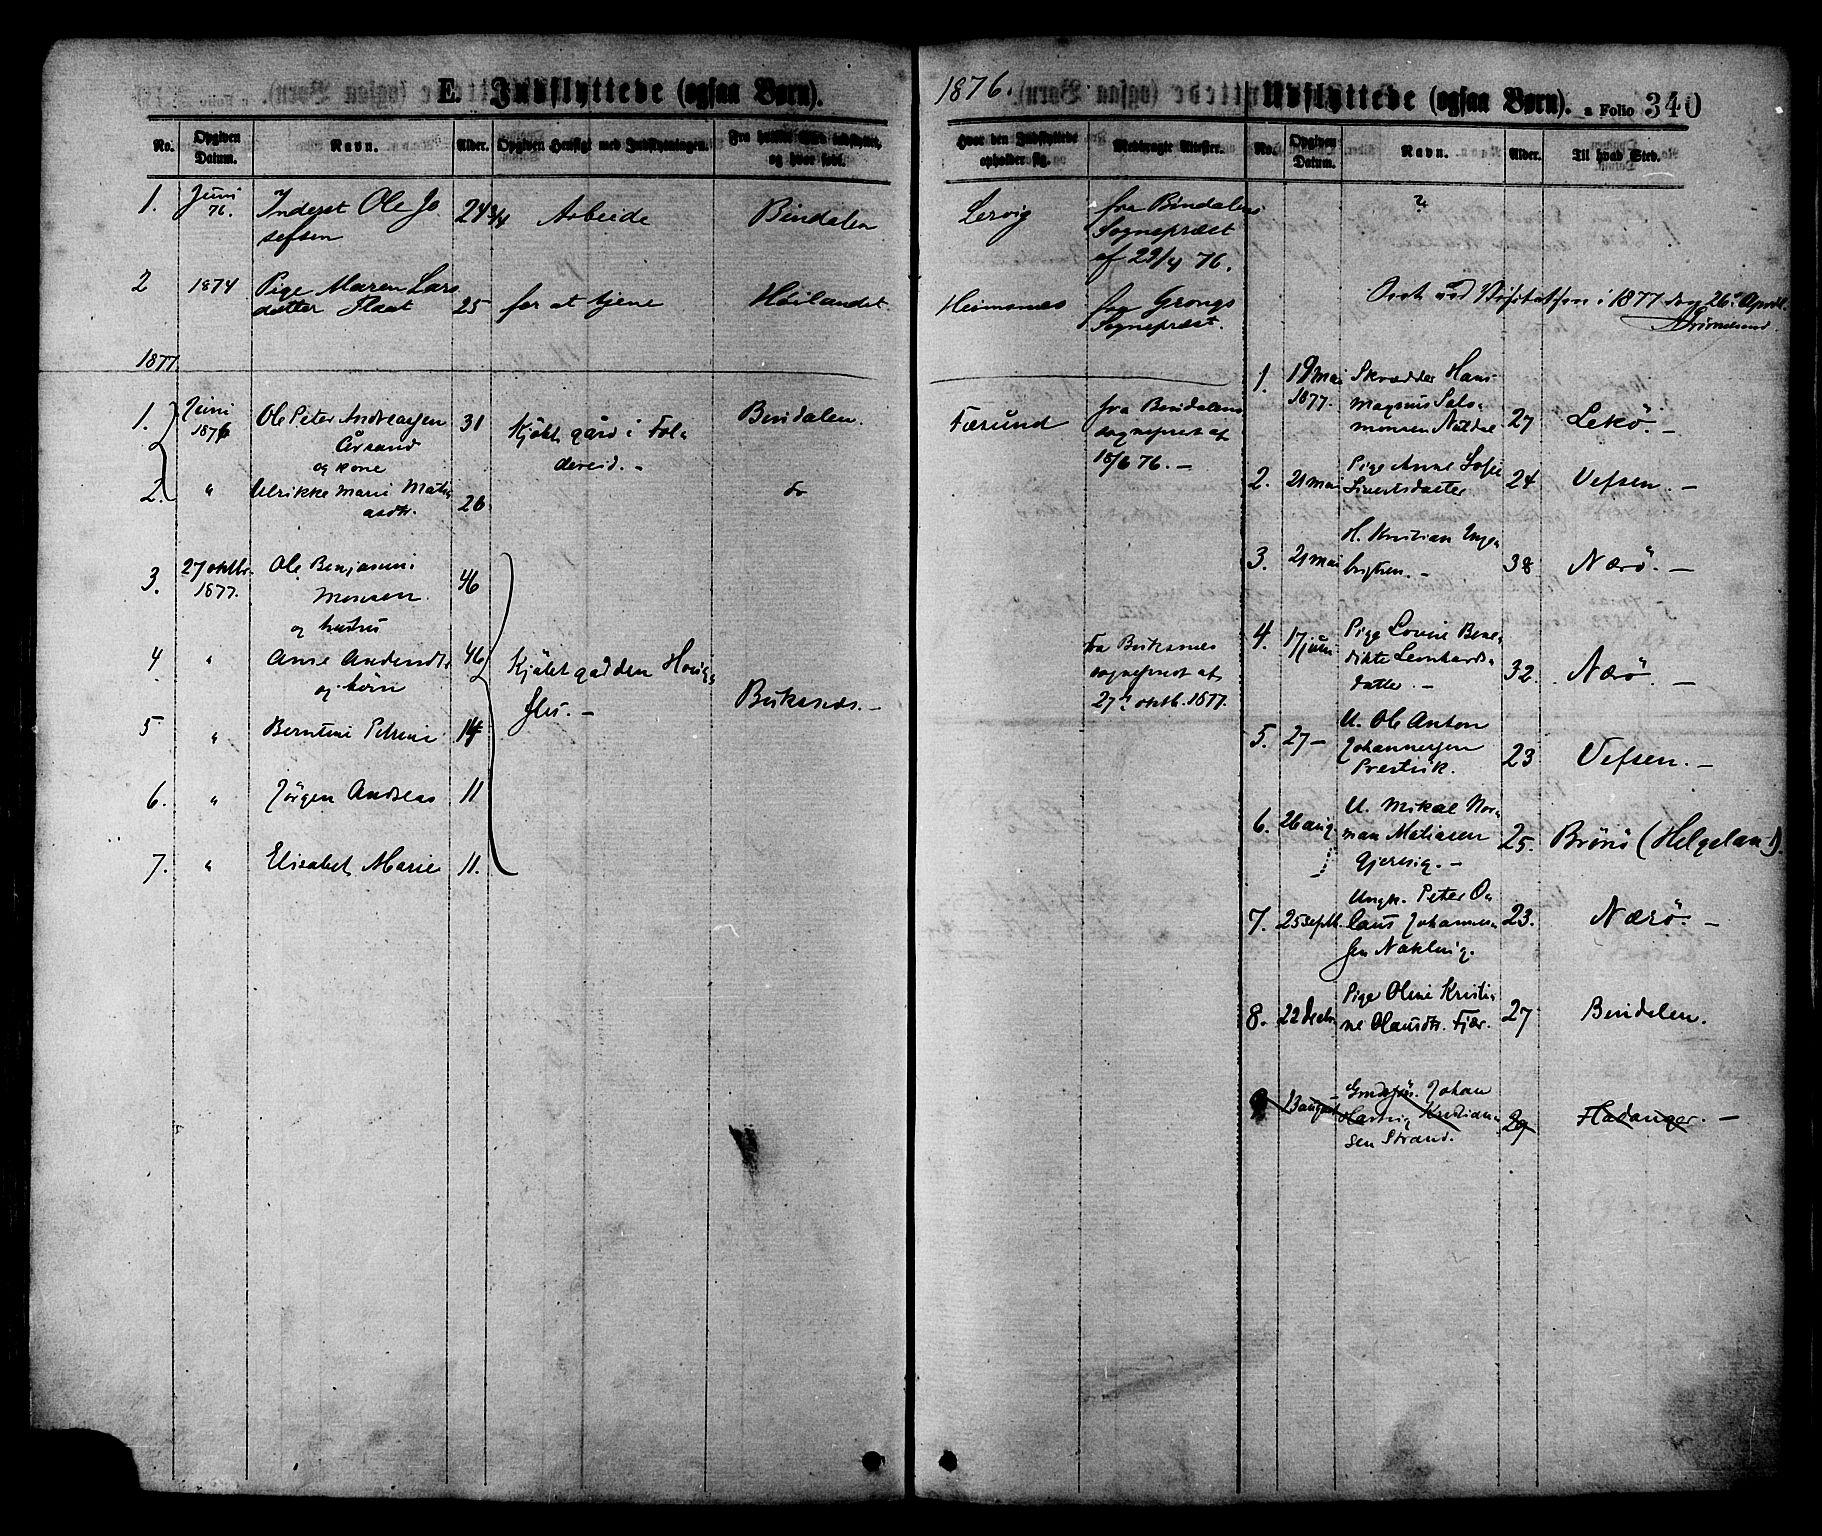 SAT, Ministerialprotokoller, klokkerbøker og fødselsregistre - Nord-Trøndelag, 780/L0642: Ministerialbok nr. 780A07 /1, 1874-1885, s. 340